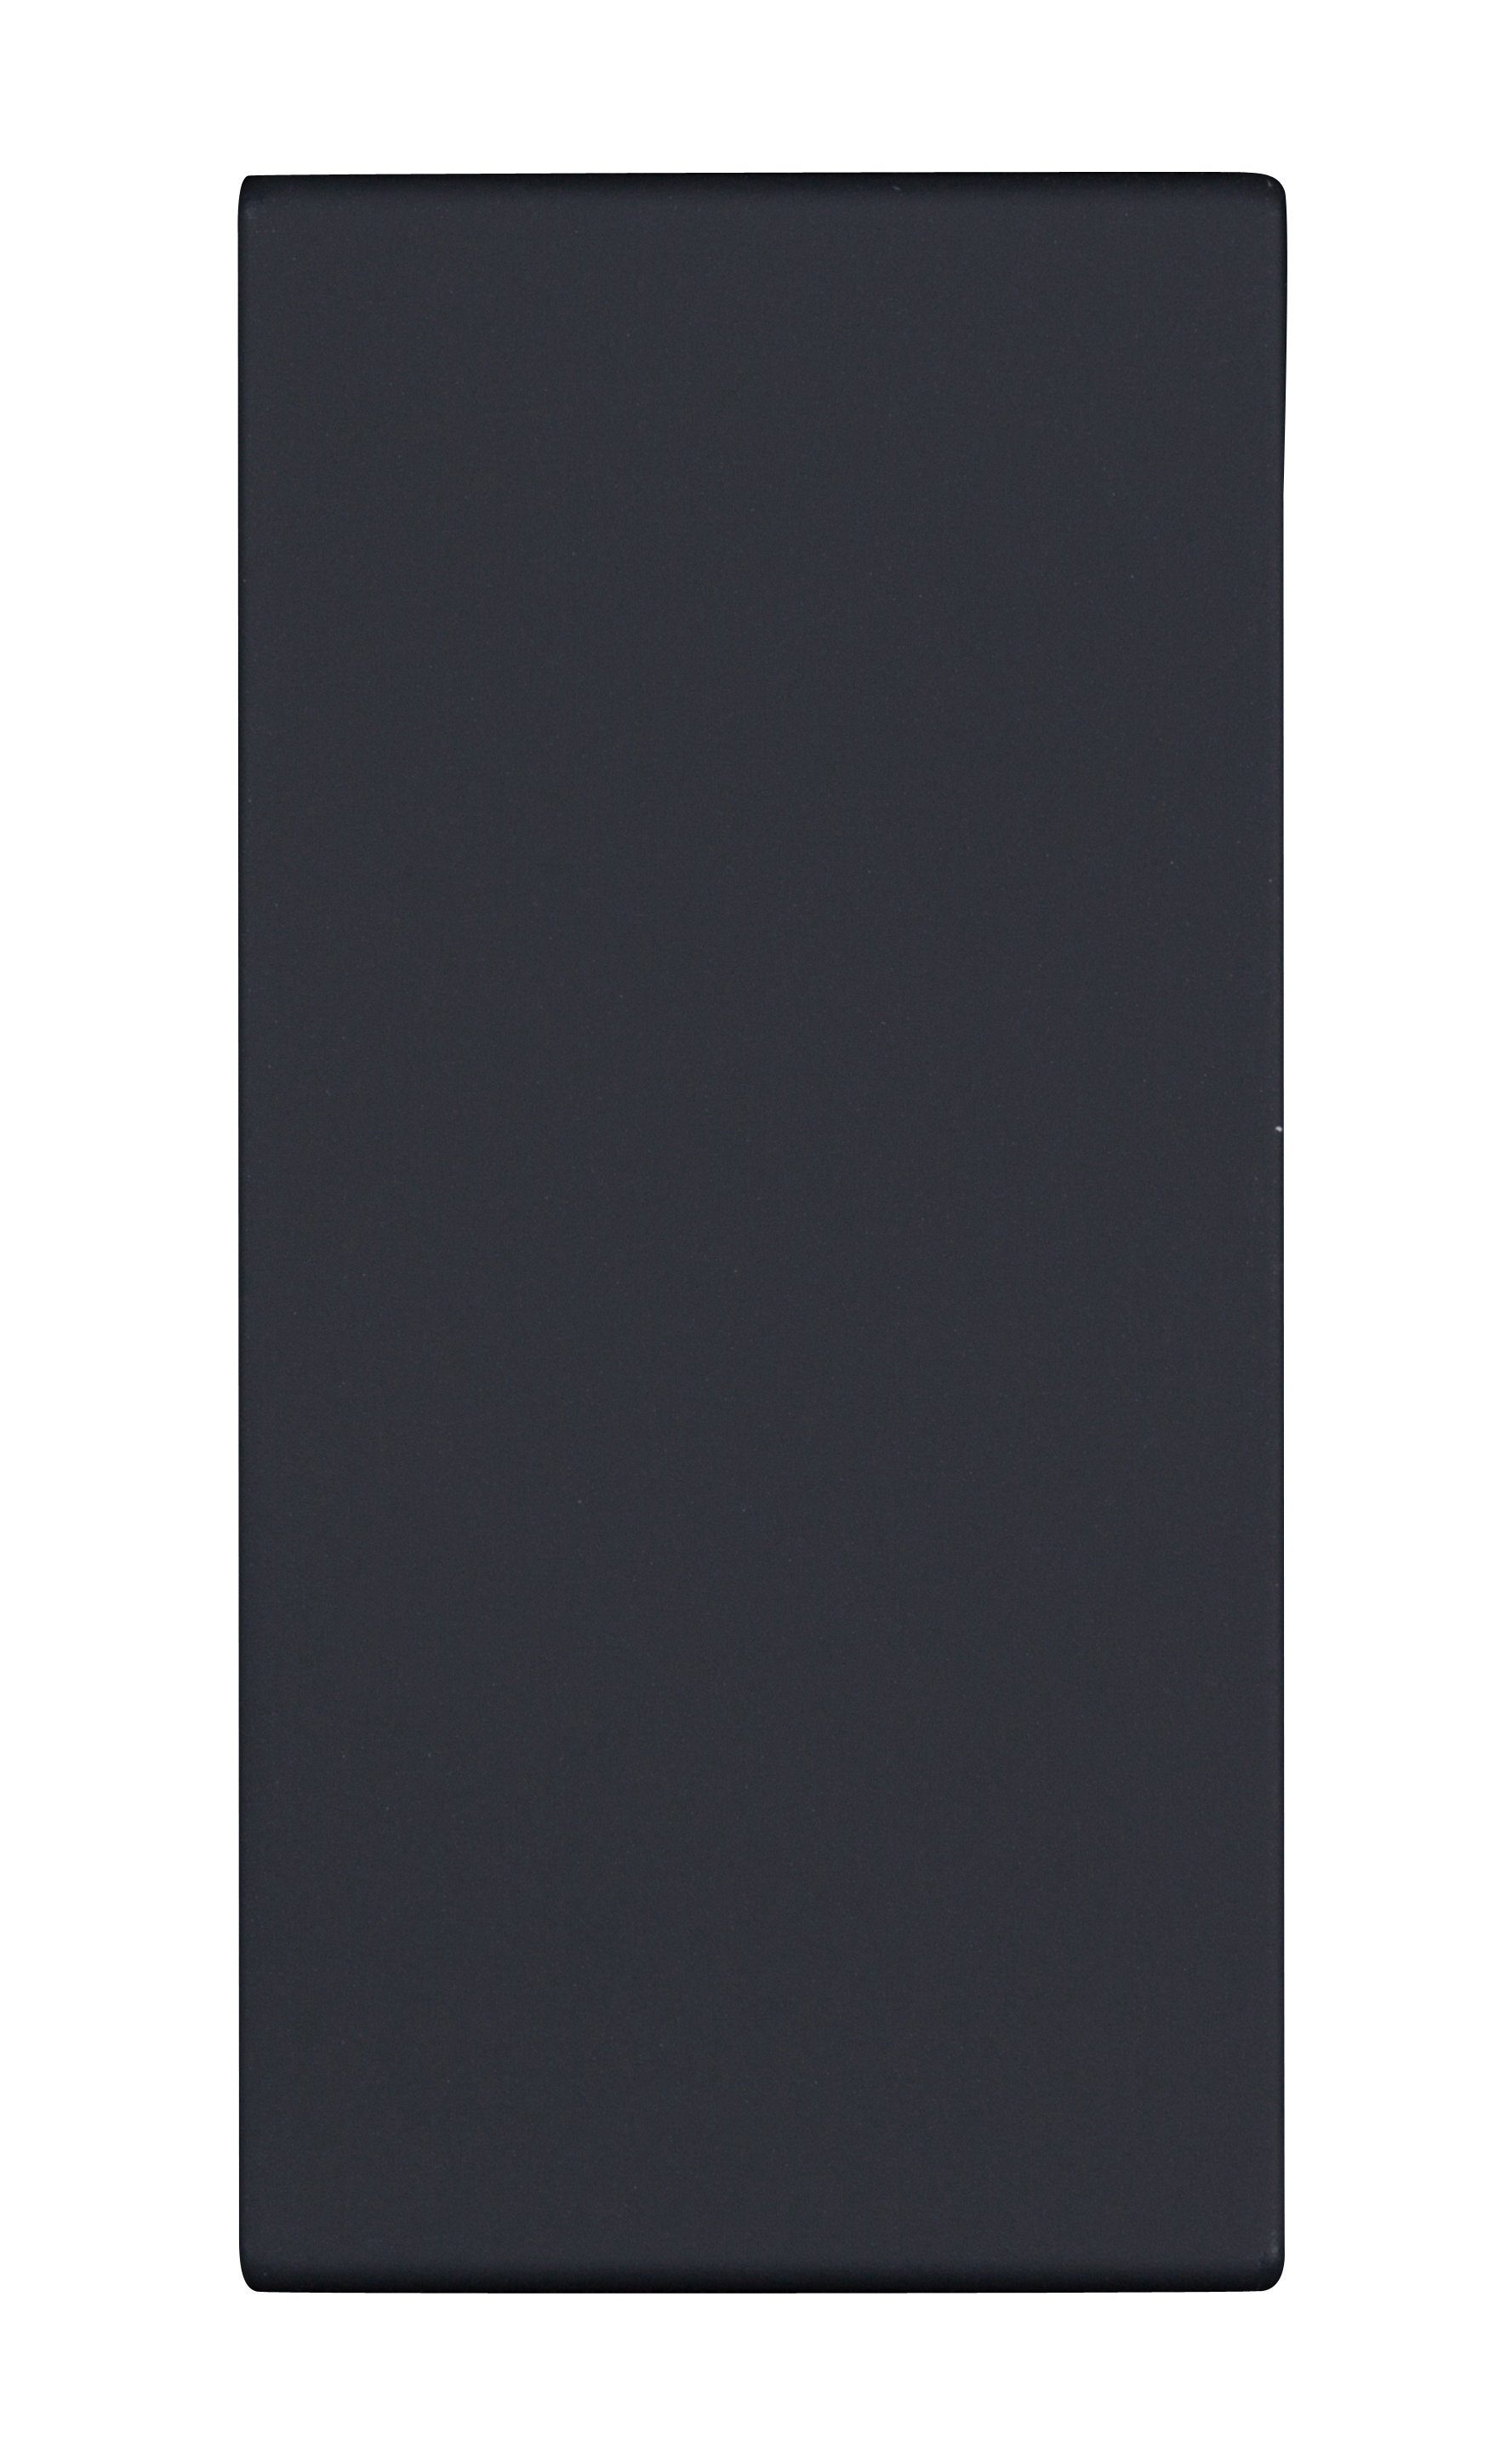 1 Stk Schalterabdeckung 1M, schwarz ET112001--